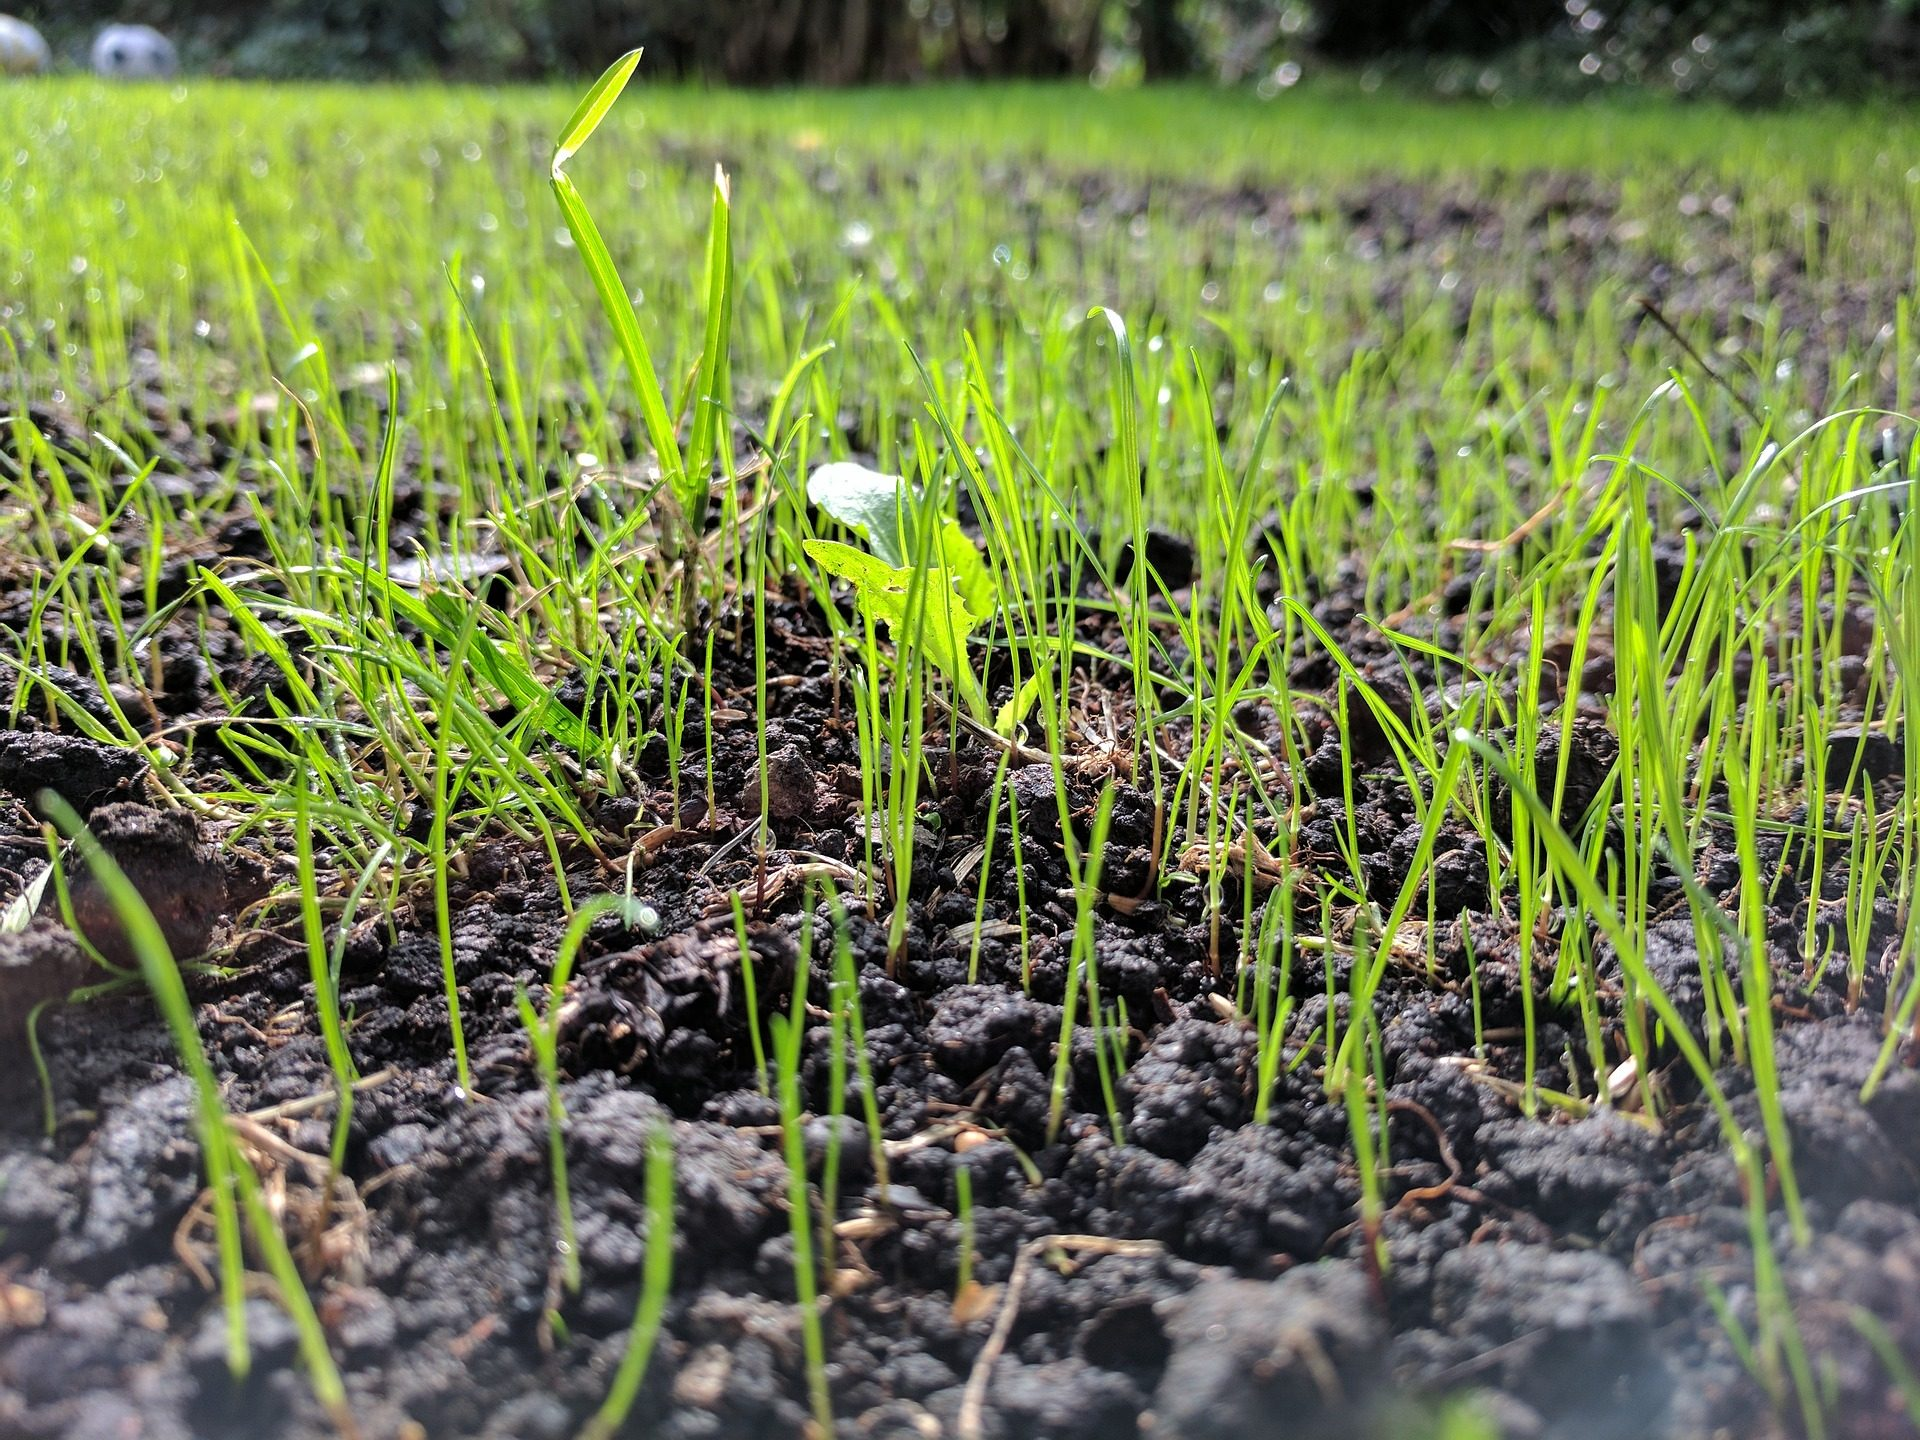 घास, प्रकोपों, लॉन, पृथ्वी, के बारे में - HD वॉलपेपर - प्रोफेसर-falken.com